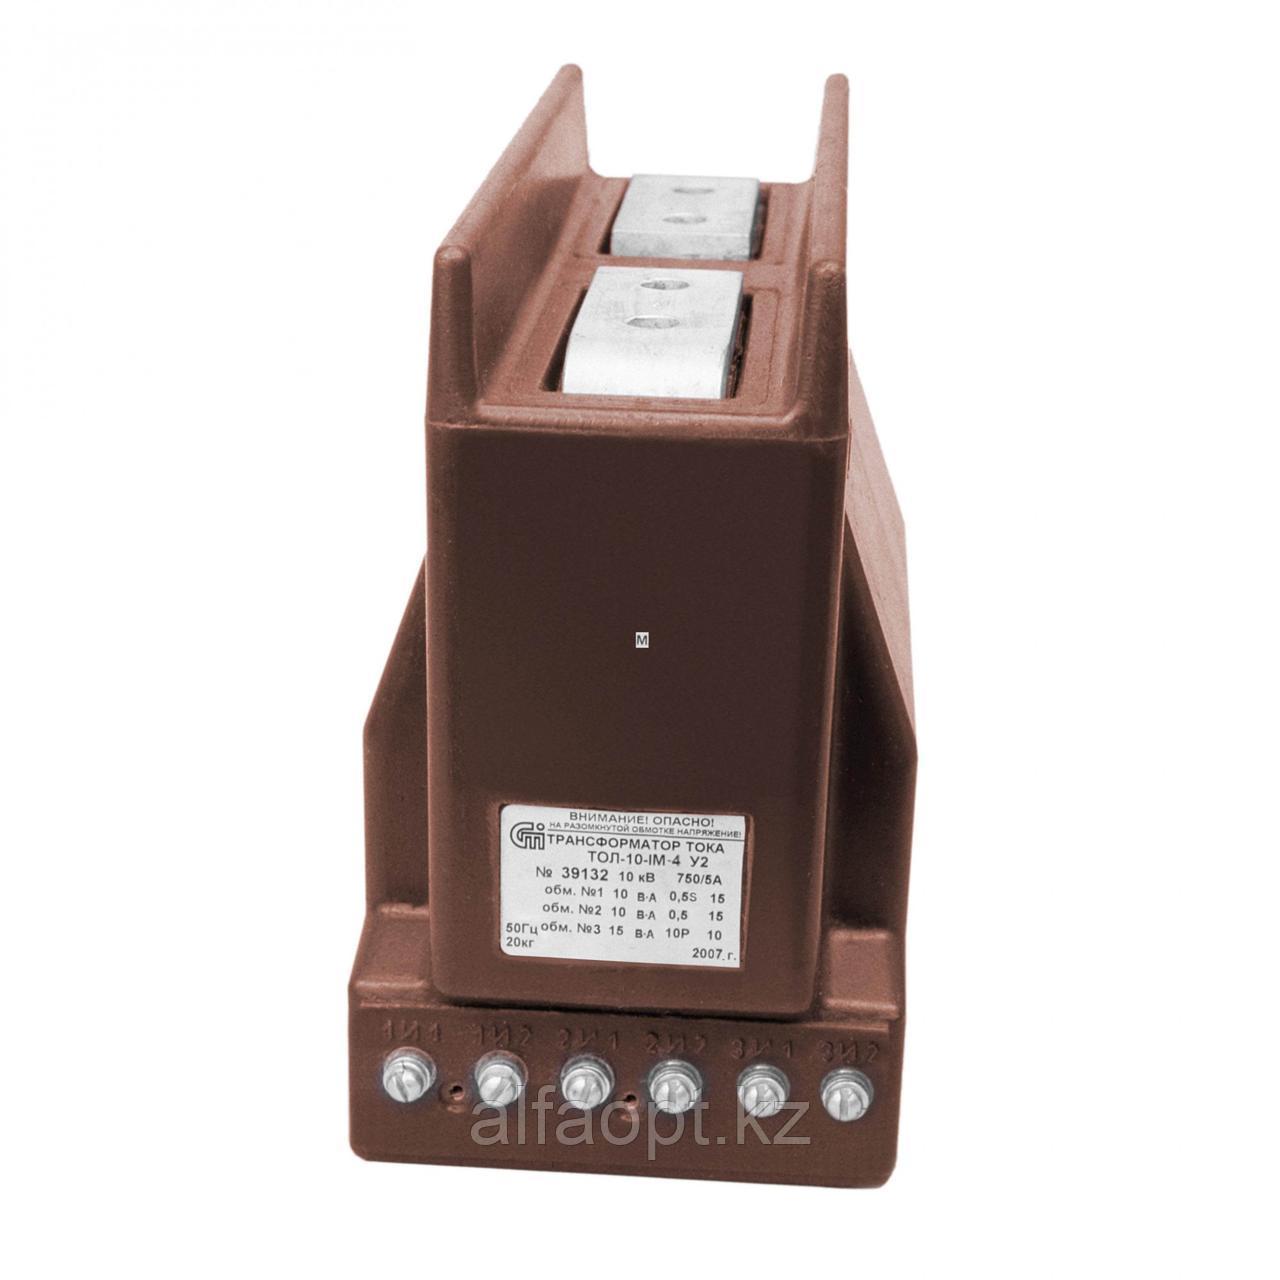 Опорный трансформатор тока ТОЛ-10-IМ